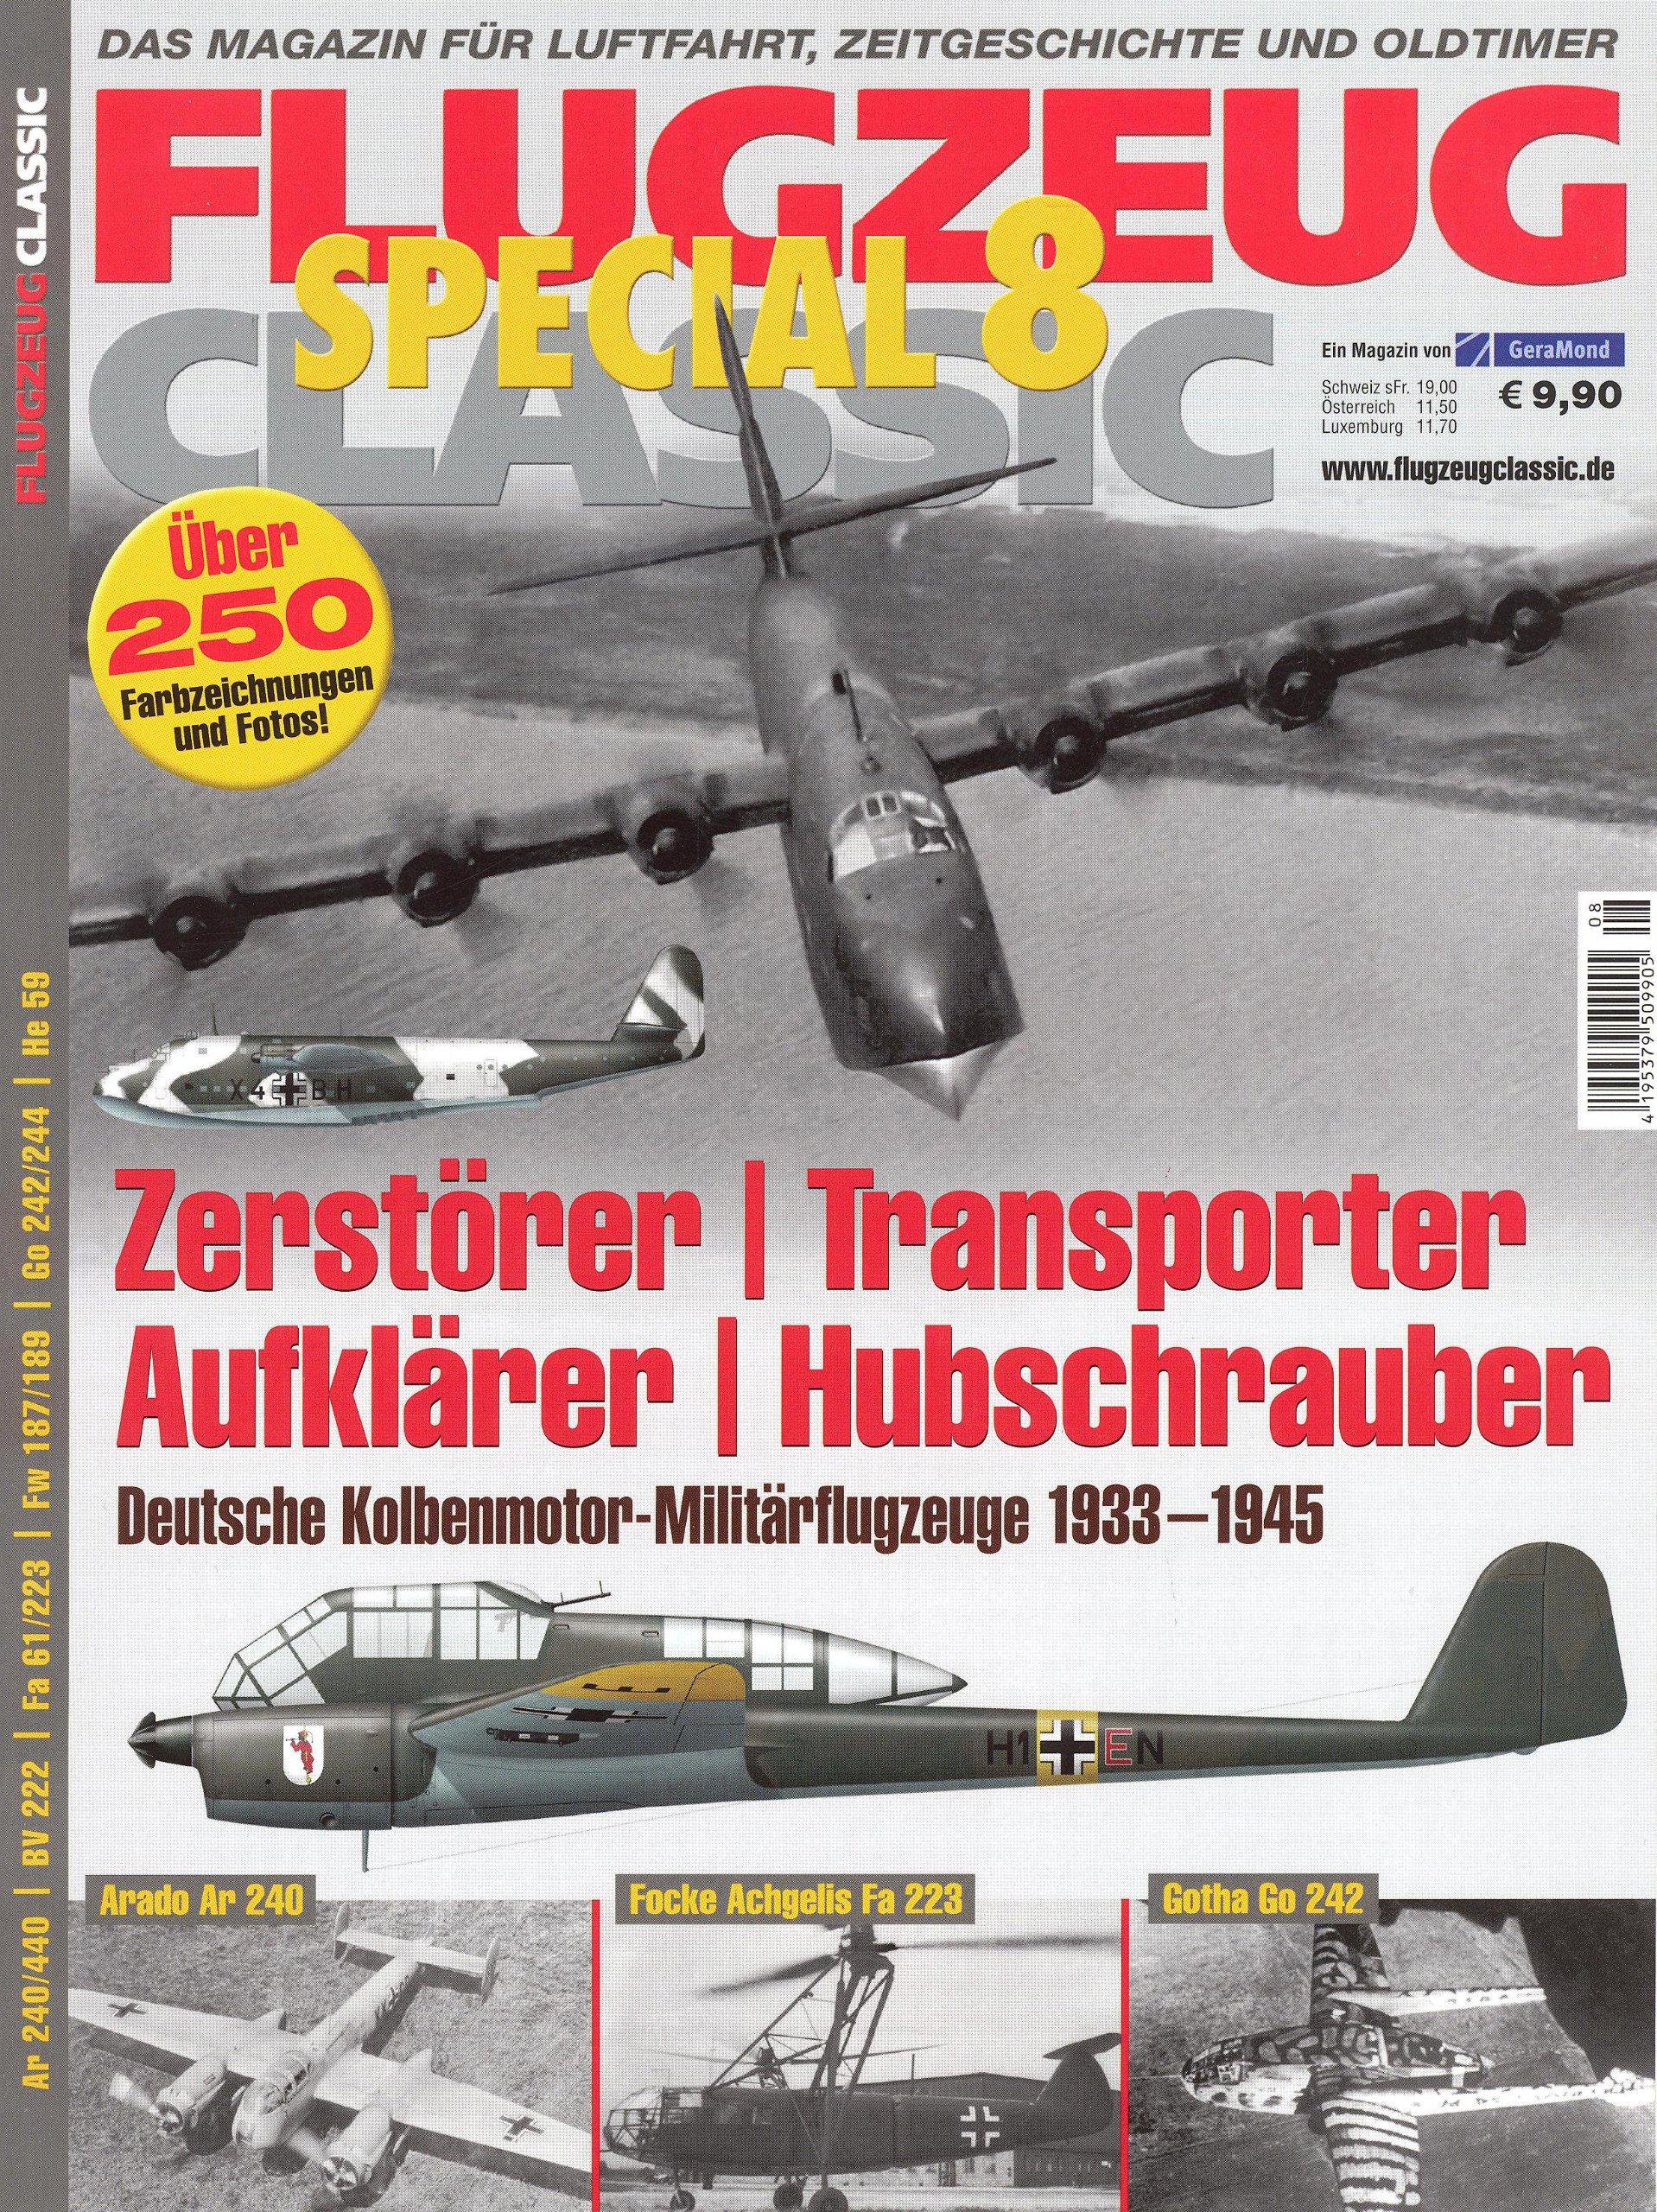 FLUGZEUG CLASSIC SPECIAL 8: Zerstörer - Transporter - Aufklärer - Hubschrauber